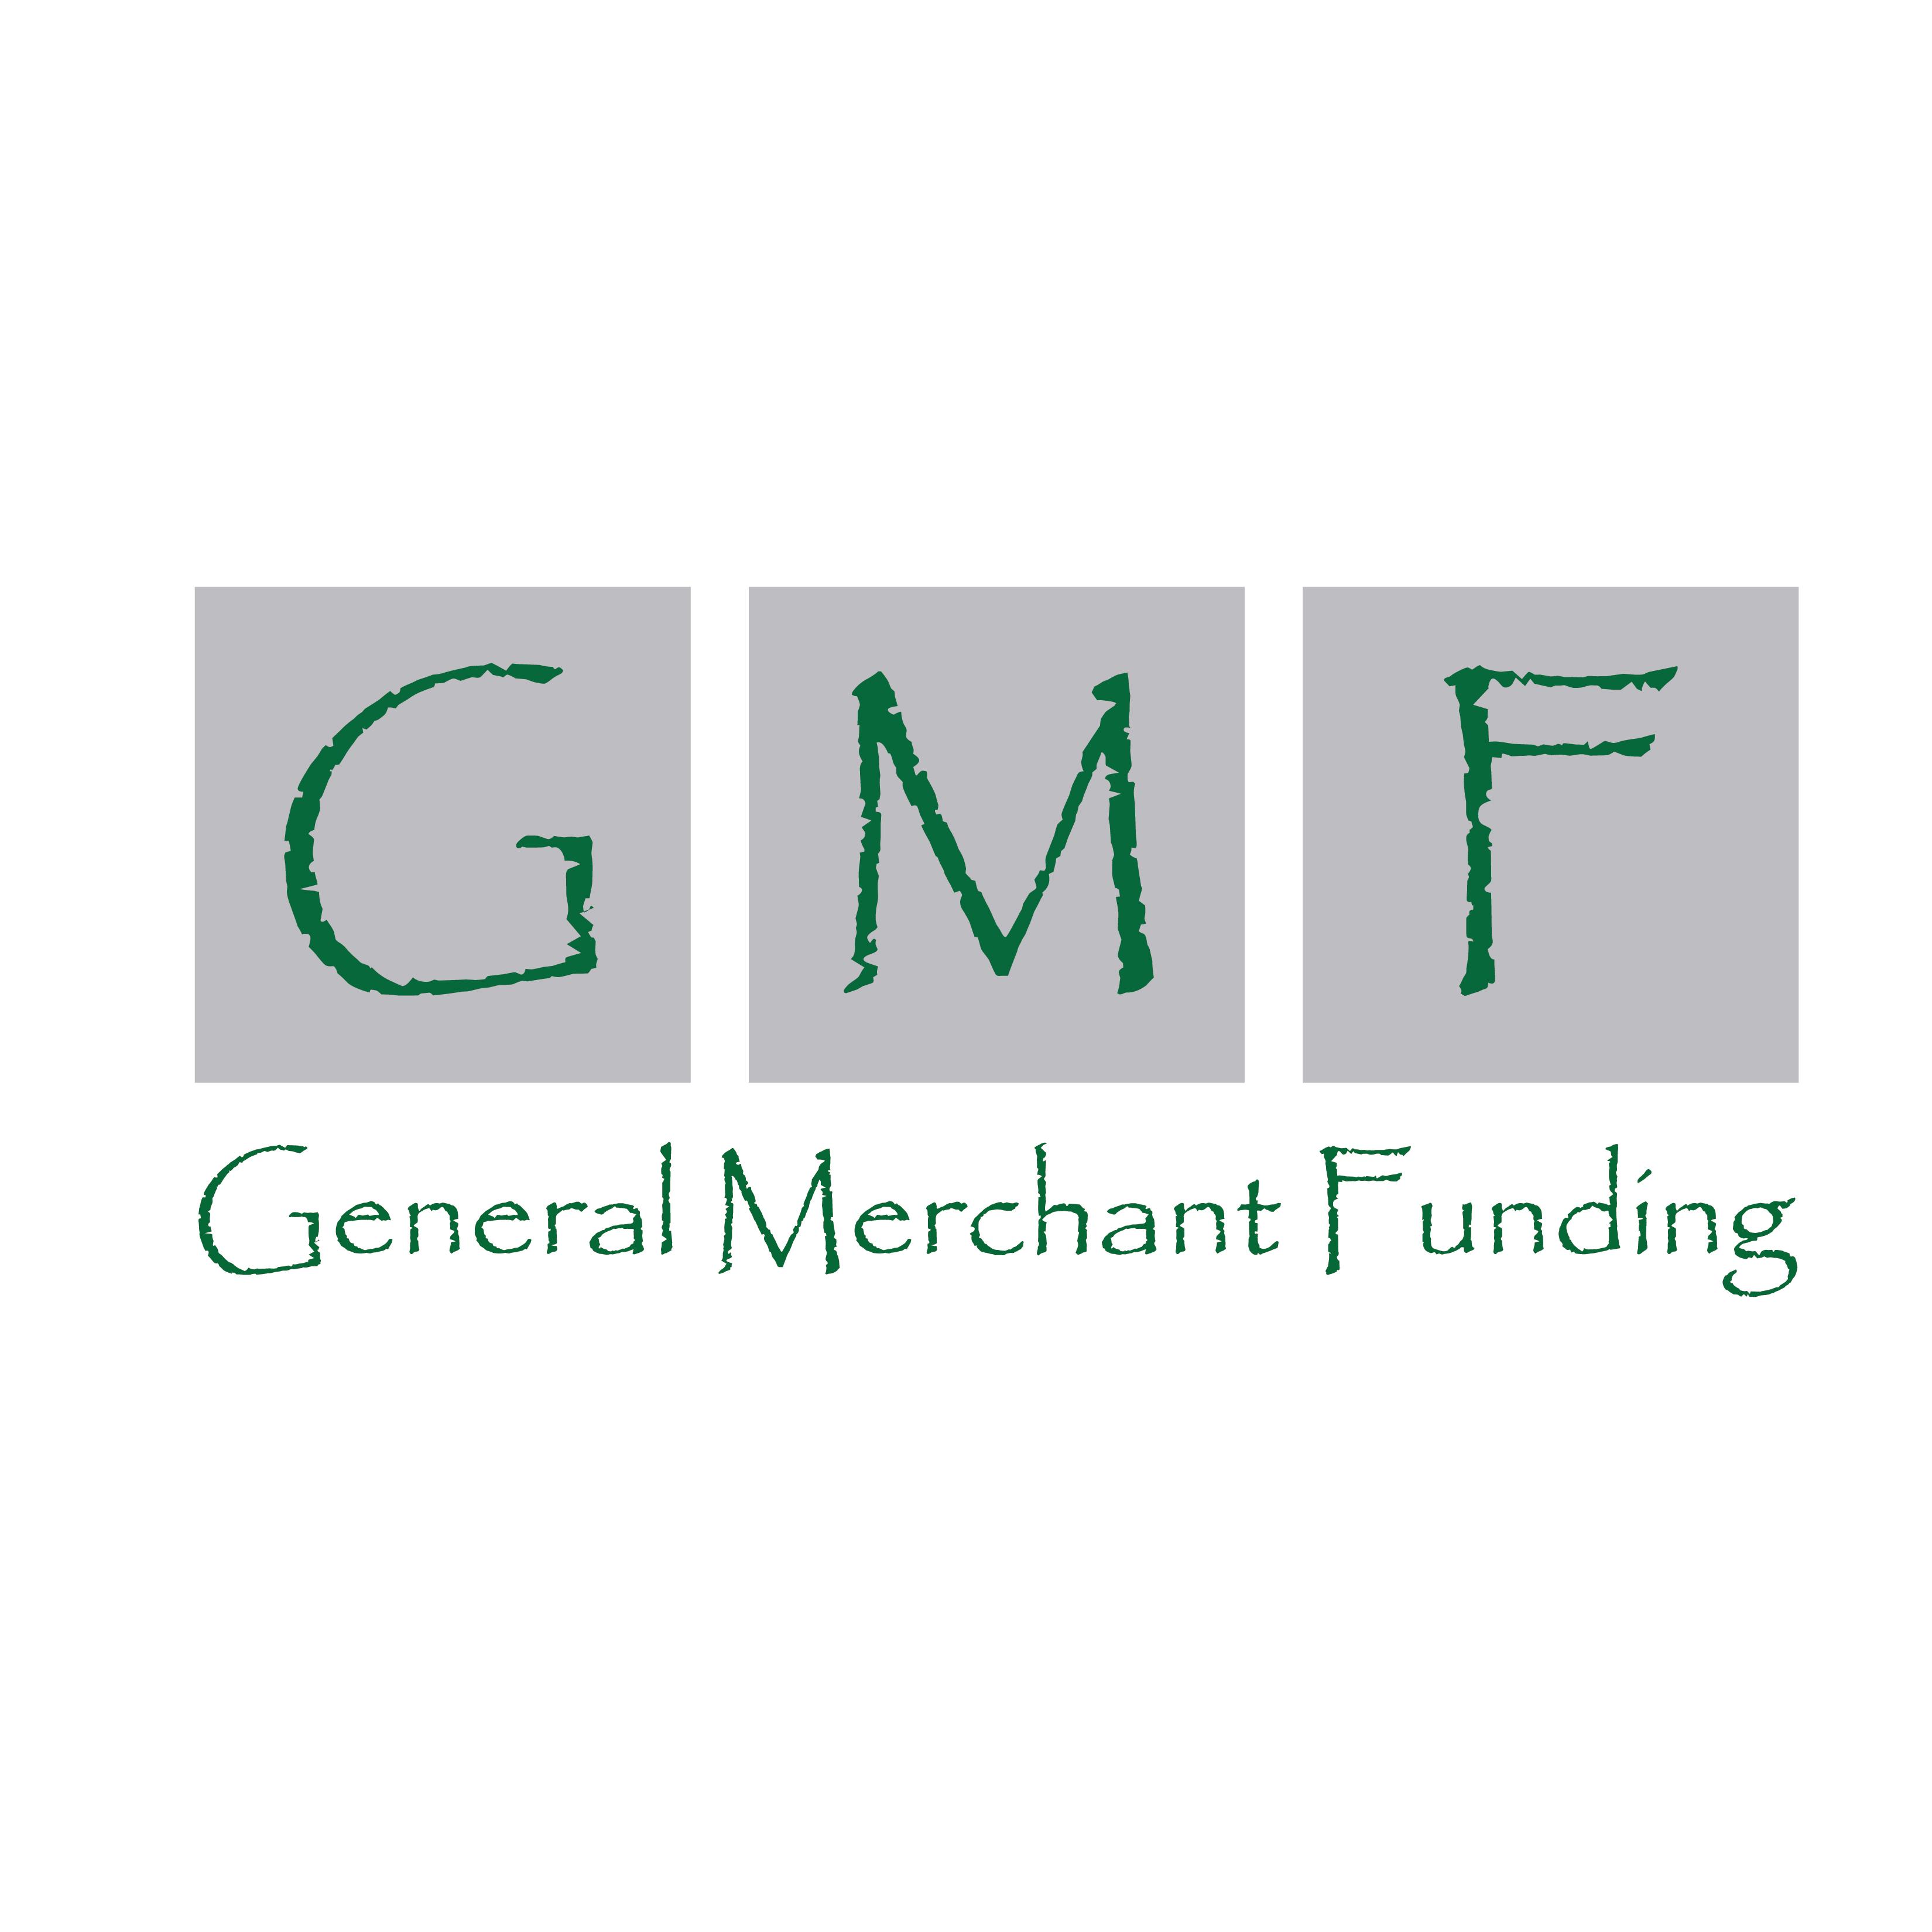 General Merchant Funding